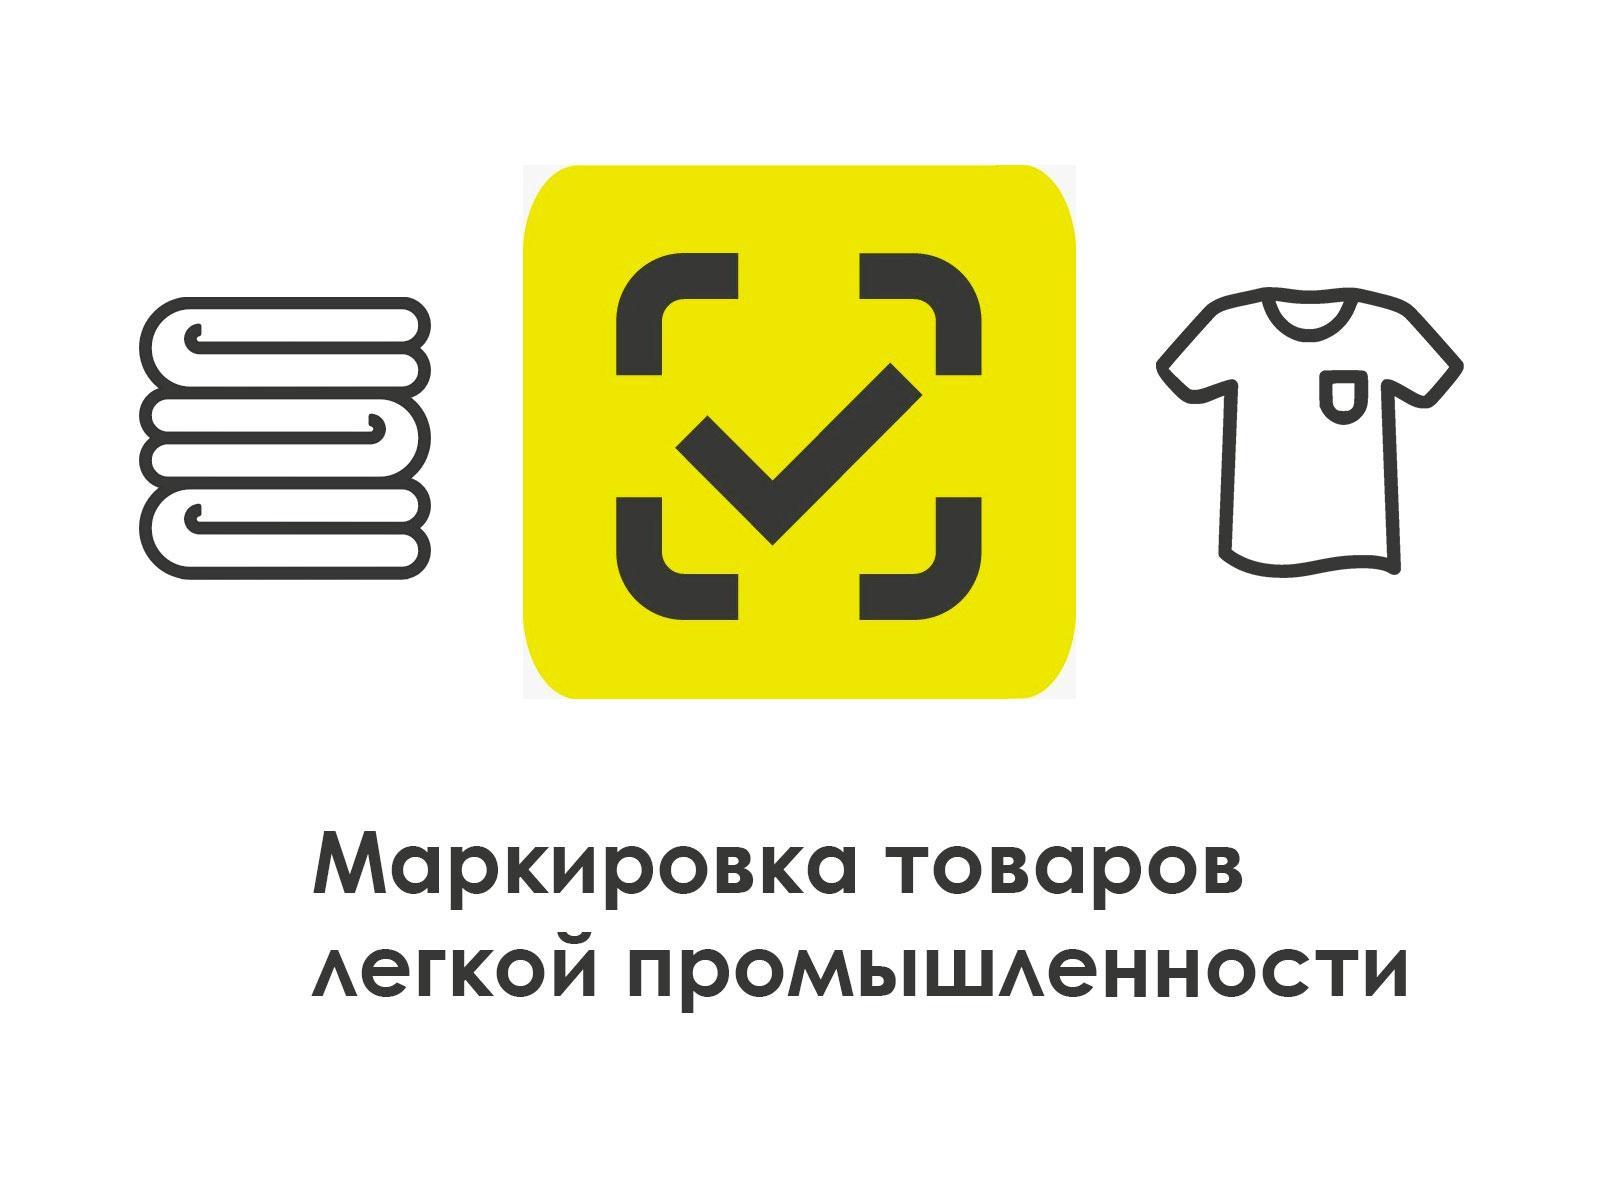 Маркировка товаров легкой промышленности